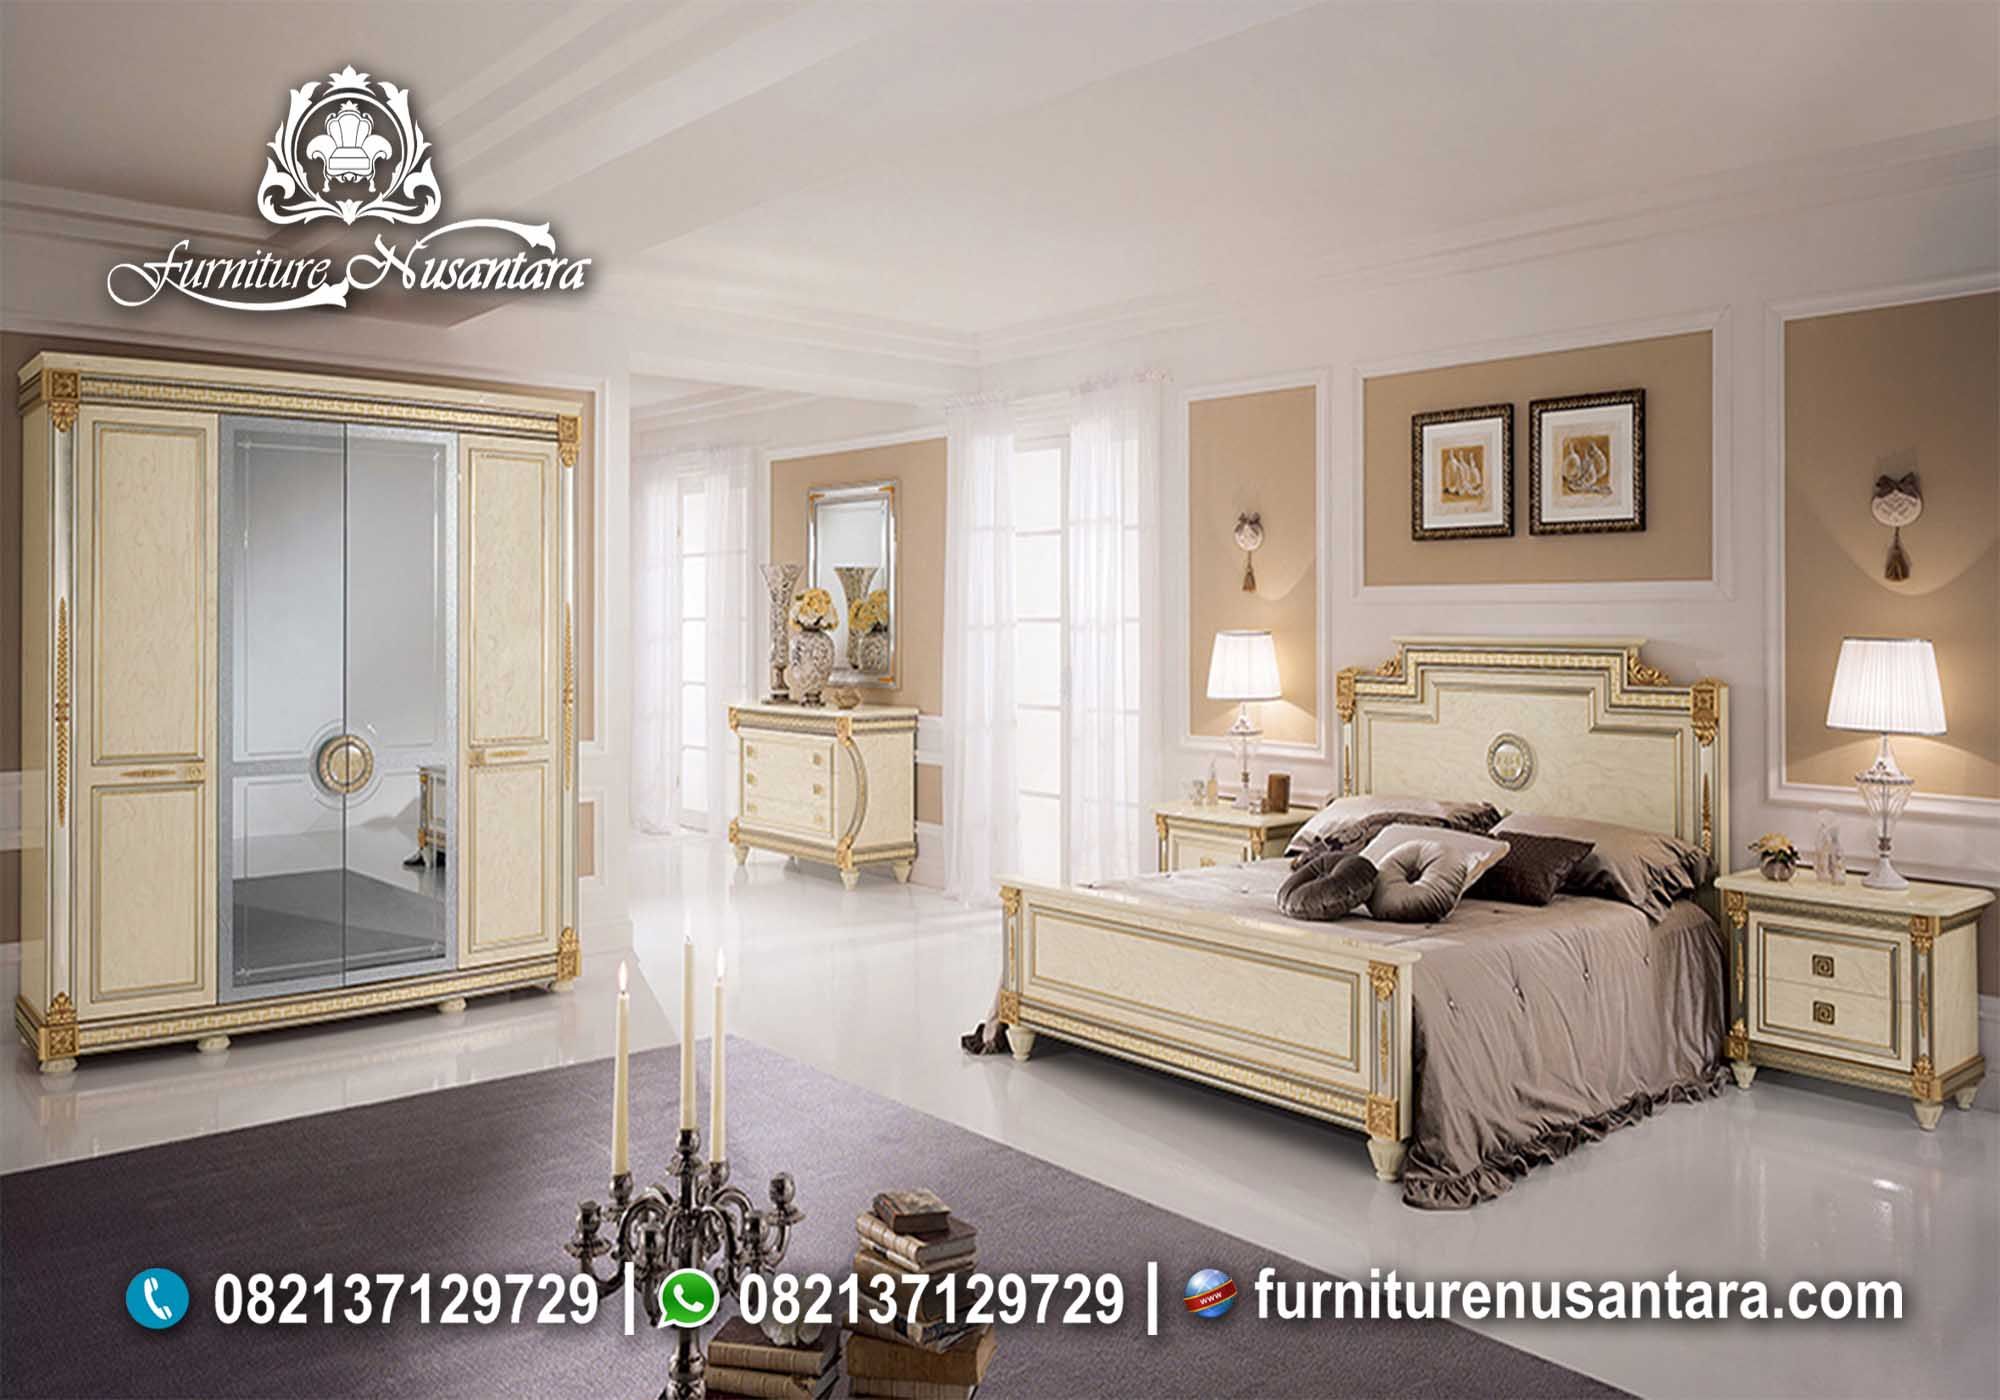 Desain Kamar Tidur Yang Nyaman KS-89, Furniture Nusantara